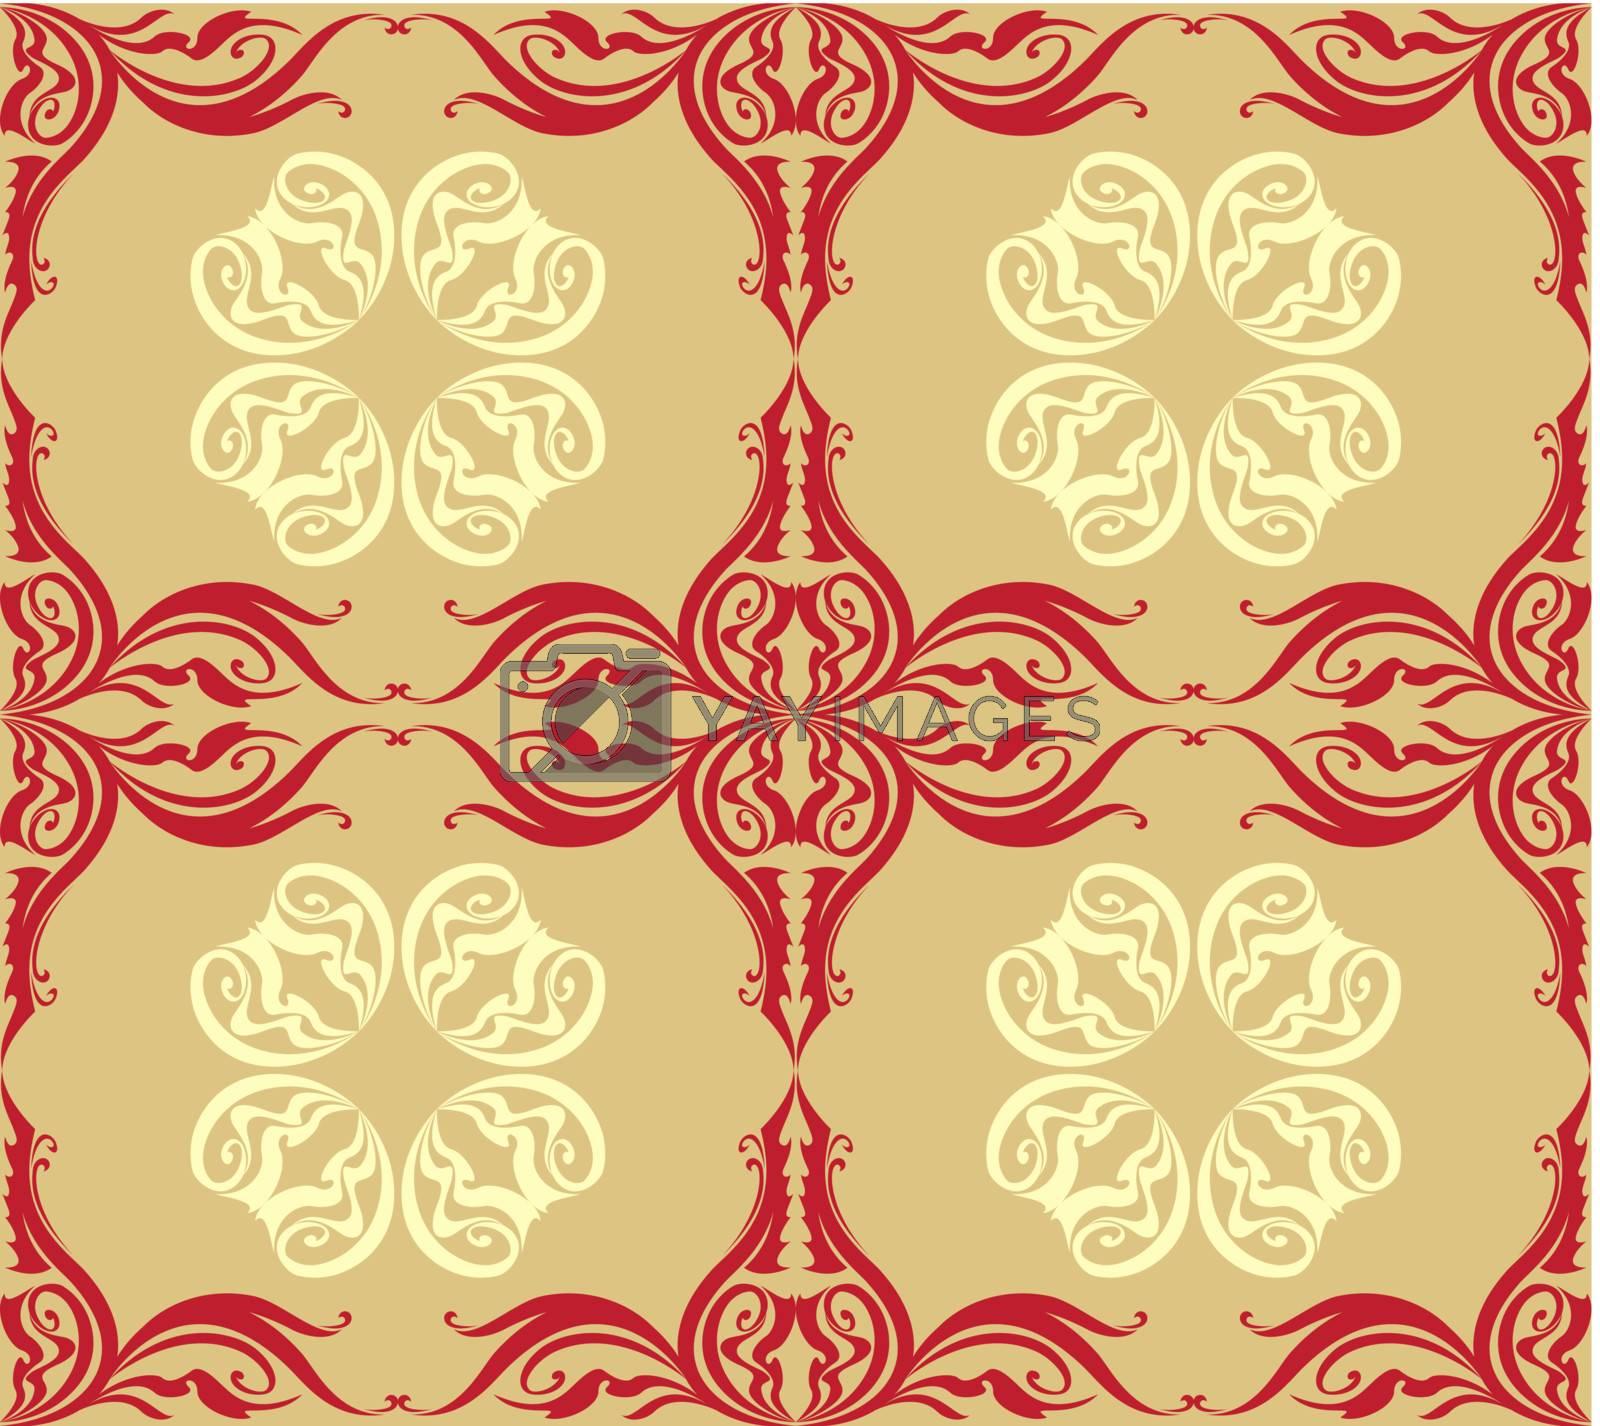 Red Vintage frames. Illustration for creative design